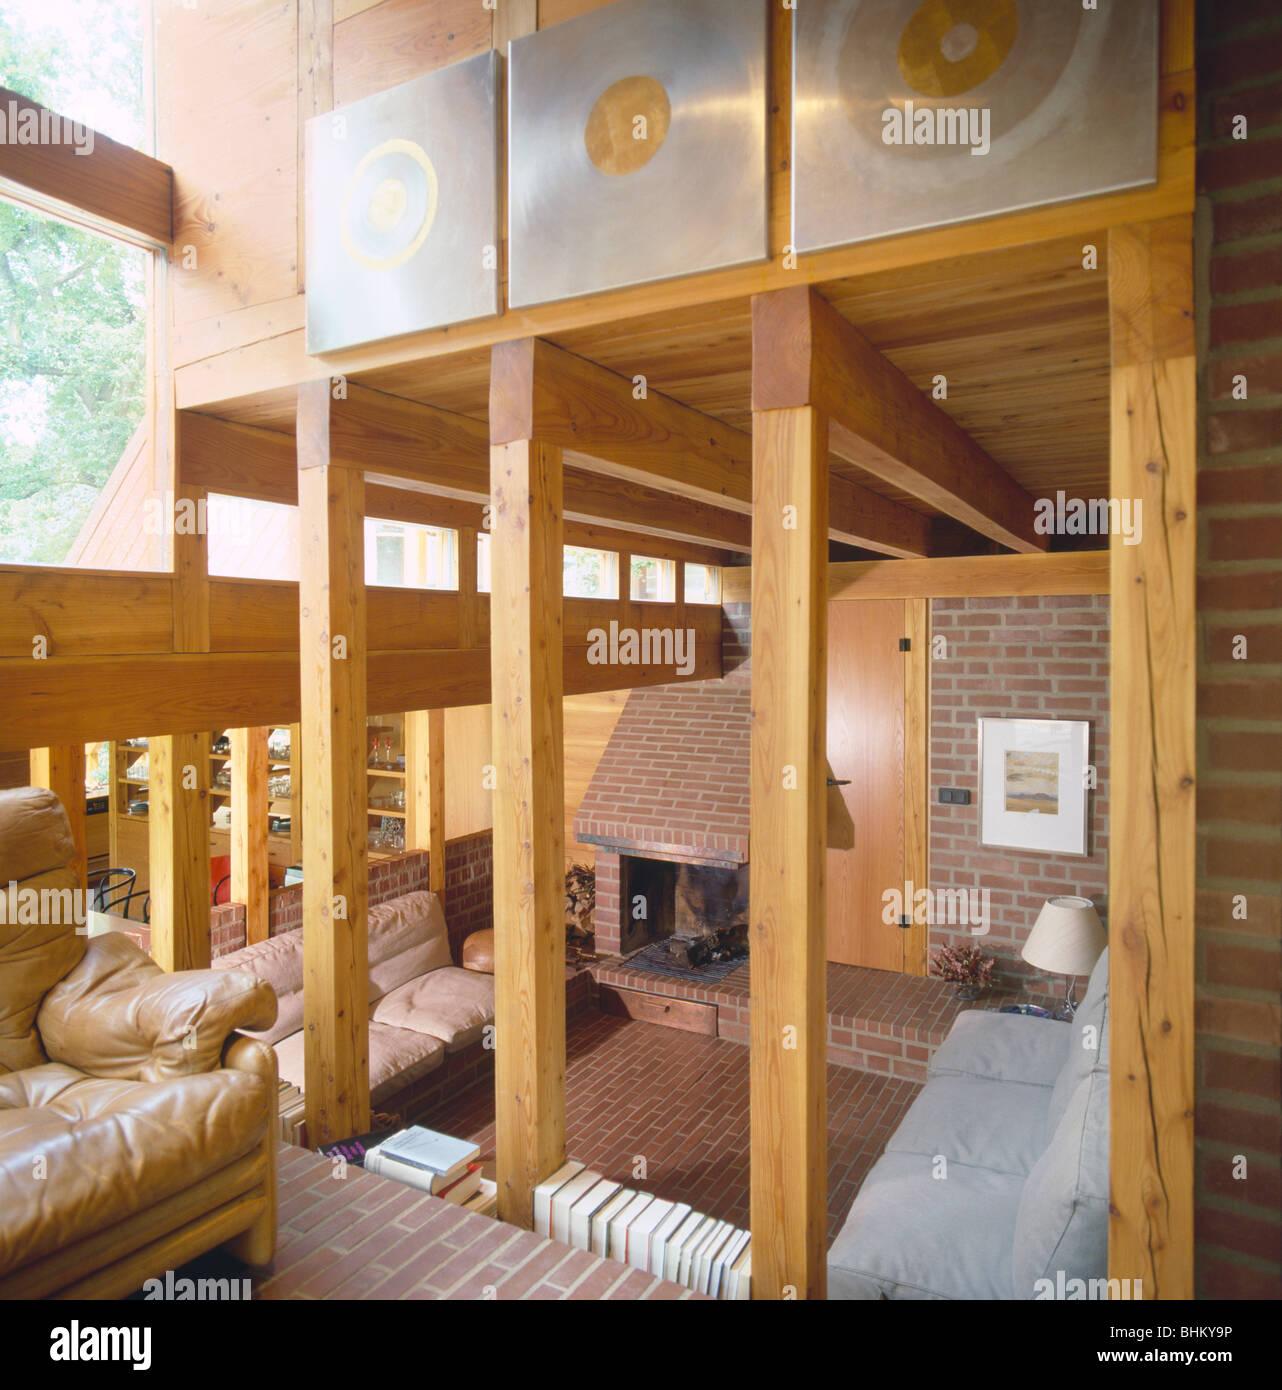 ann es 80 hauteur double salon avec poutres apparentes en bois vertical banque d 39 images photo. Black Bedroom Furniture Sets. Home Design Ideas